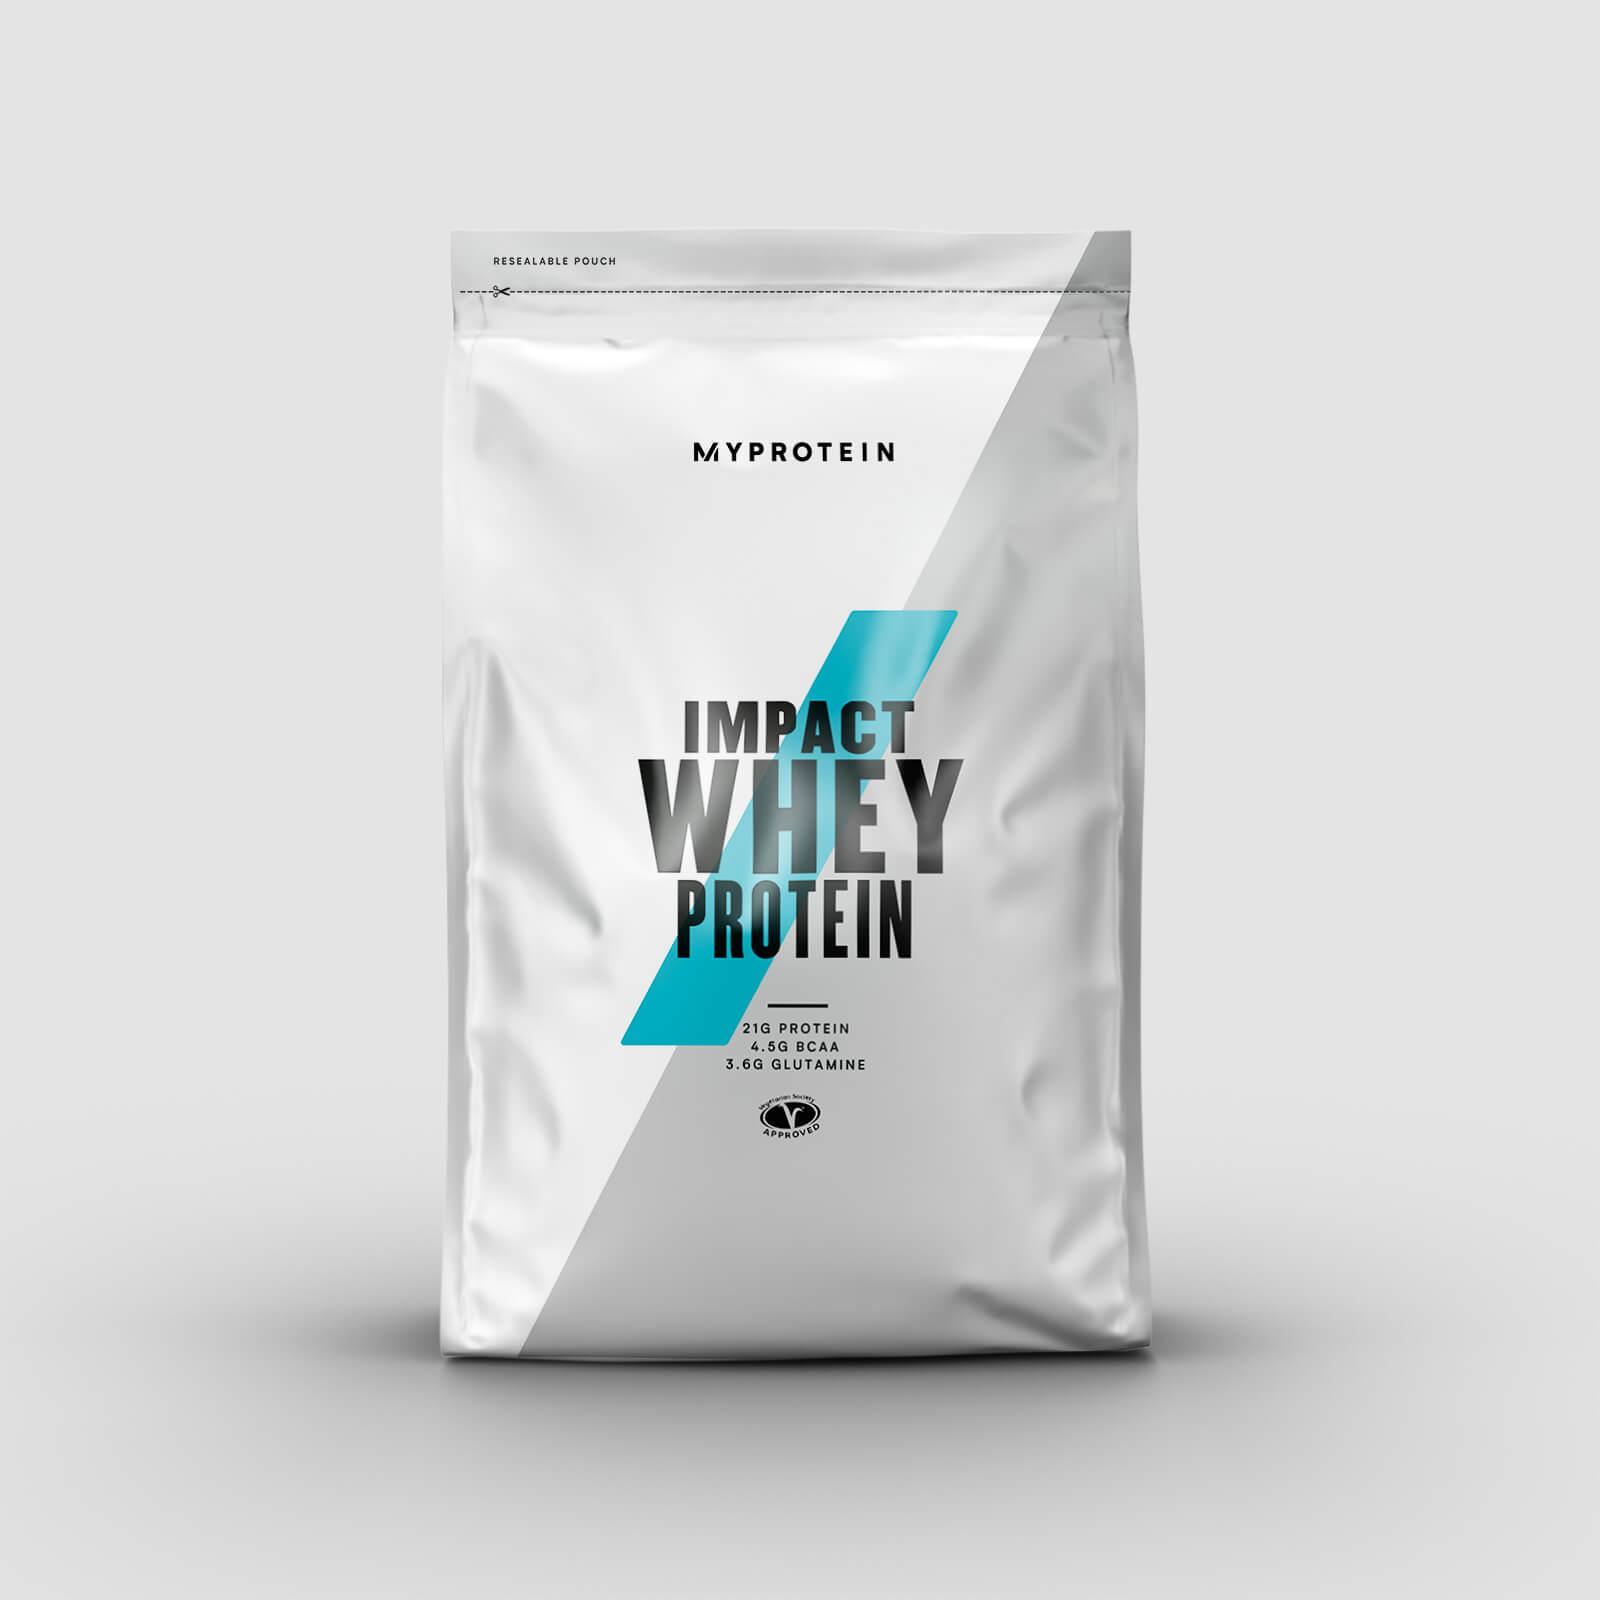 Myprotein Impact Whey Protein - 5kg - Vanille Naturelle